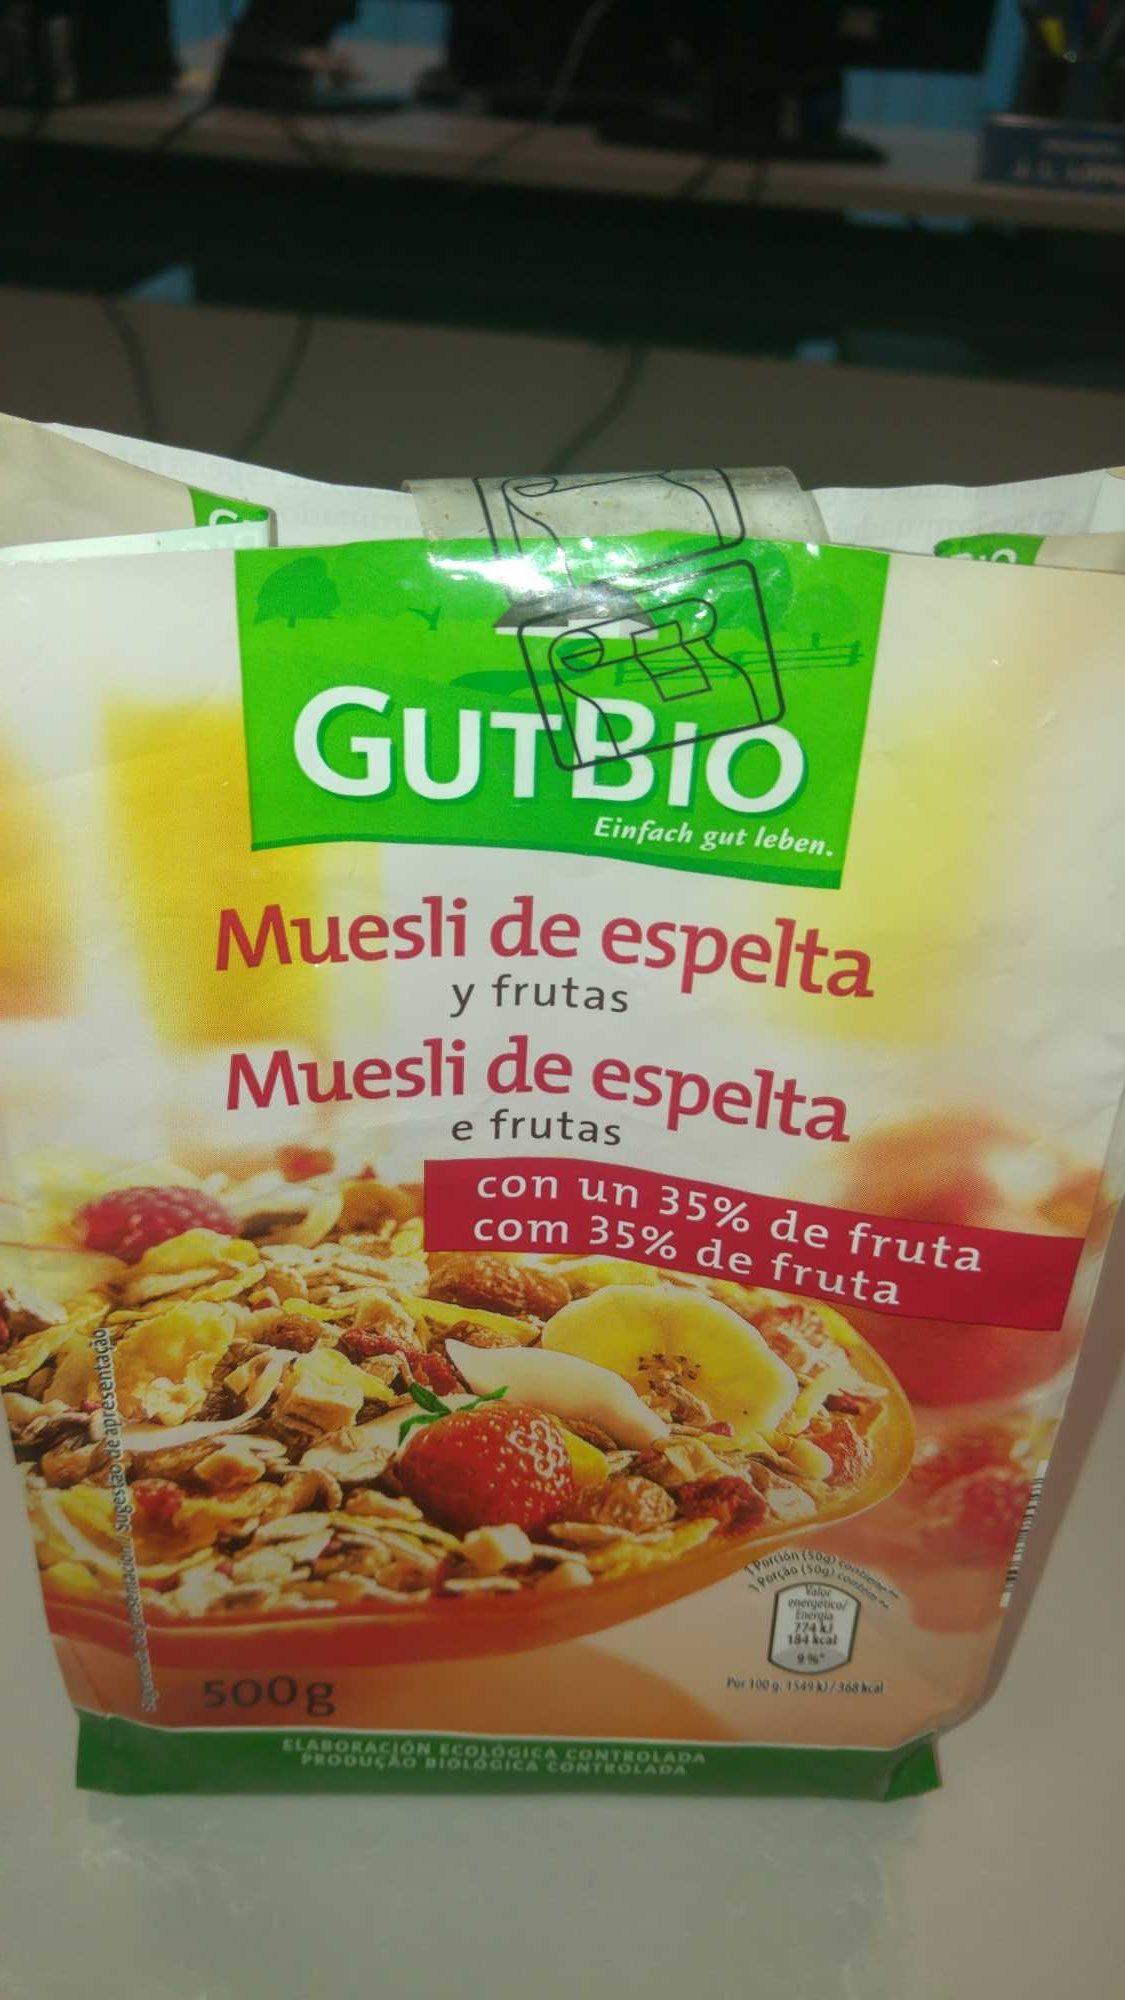 Muesli crujiente con frutas y cereales - Producto